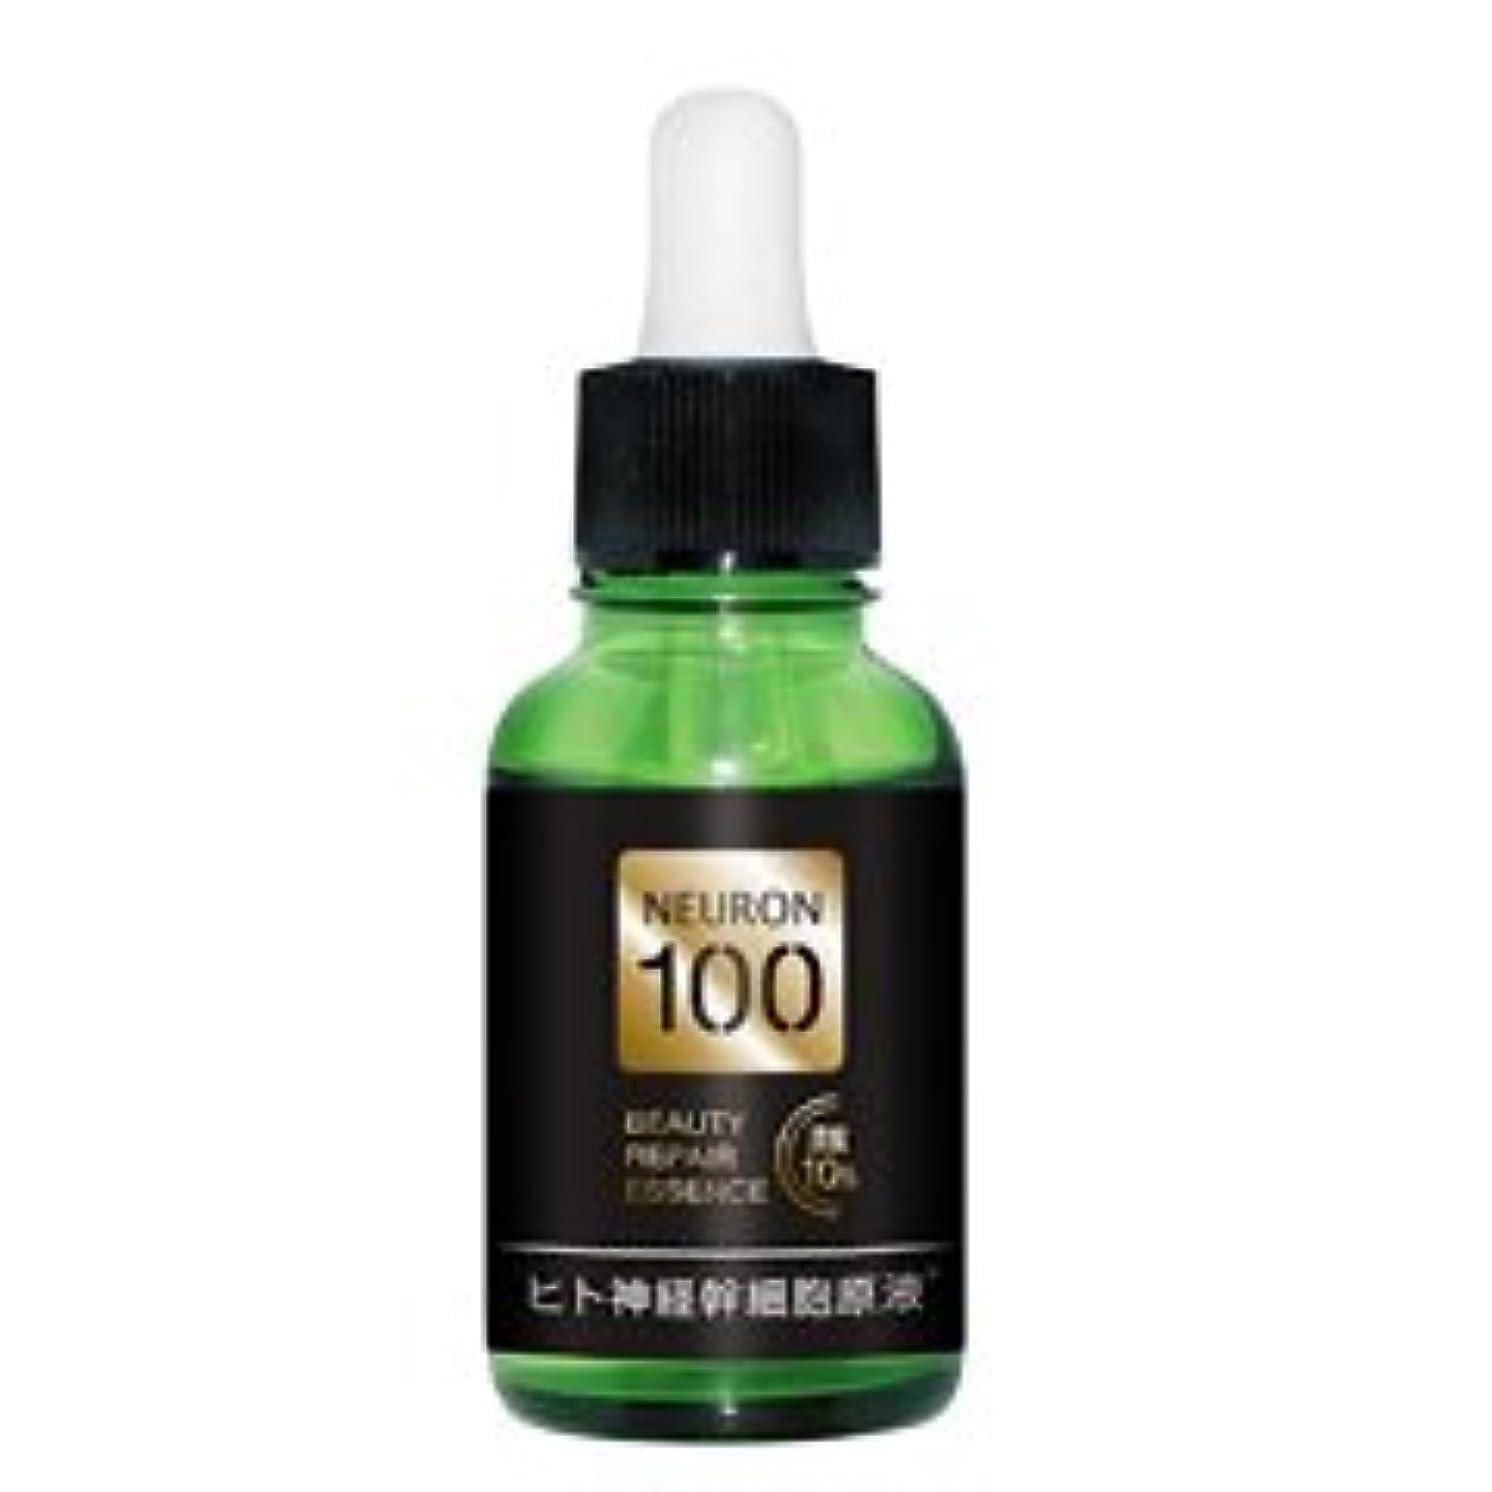 パーセント引き出し対応【濃度10%】 ニューロン100 NEURON100 ヒト由来神経幹細胞培養液 サロン仕様品 ギフトにも最適 美容液 30ml